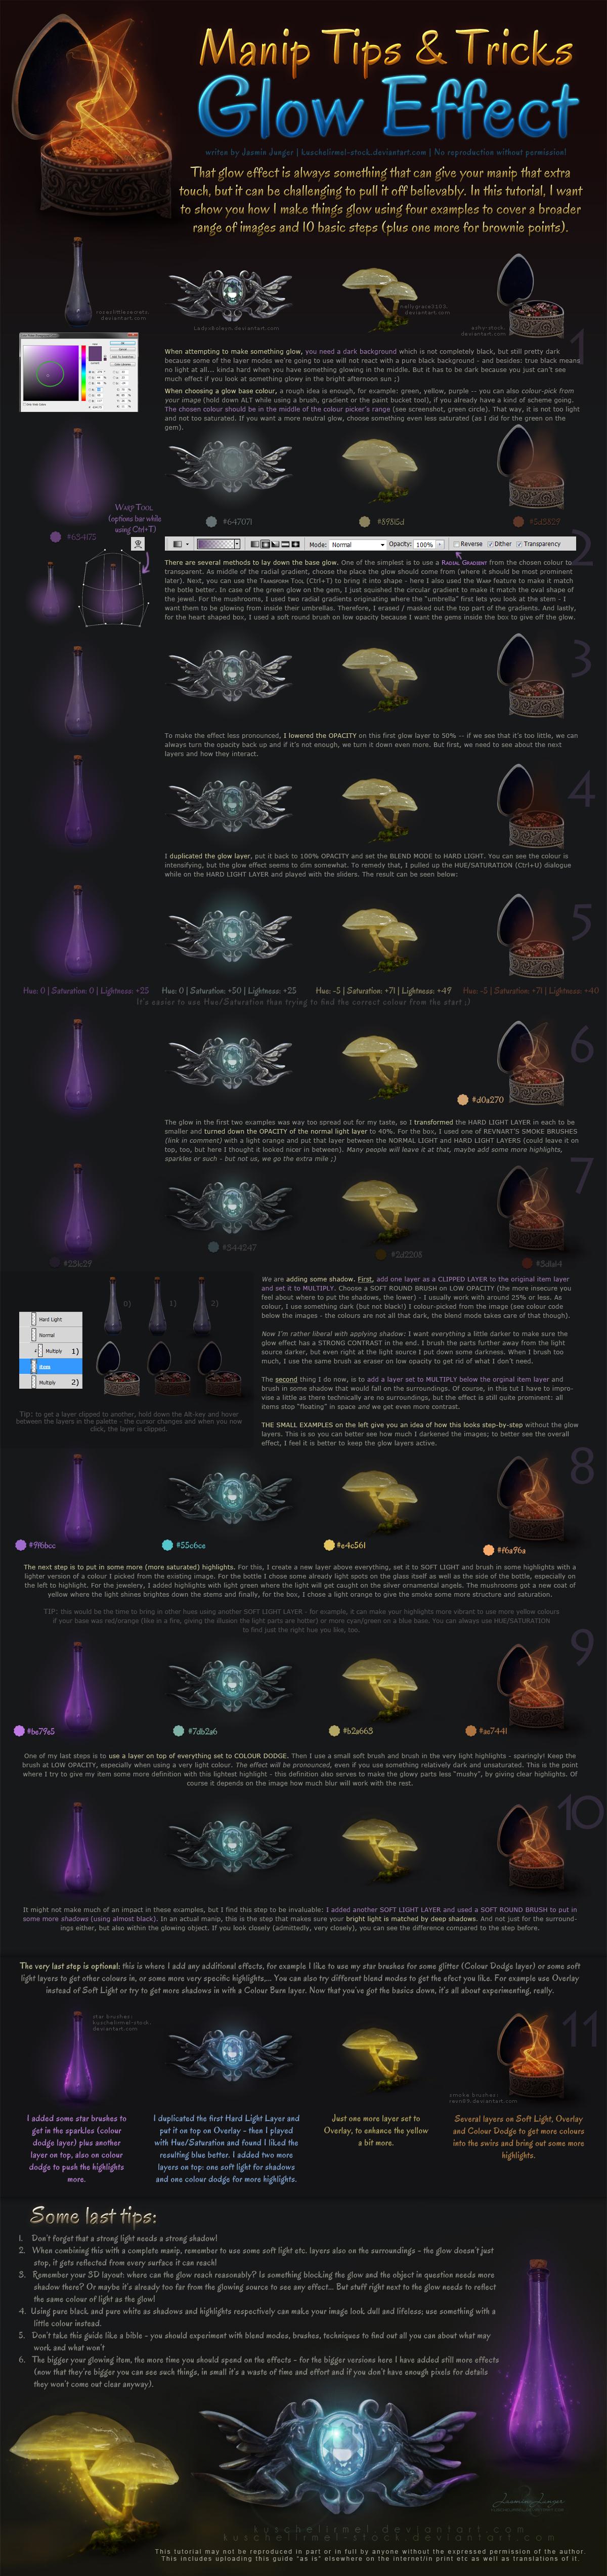 Manip Tips + Tricks - Glow Effect by kuschelirmel-stock